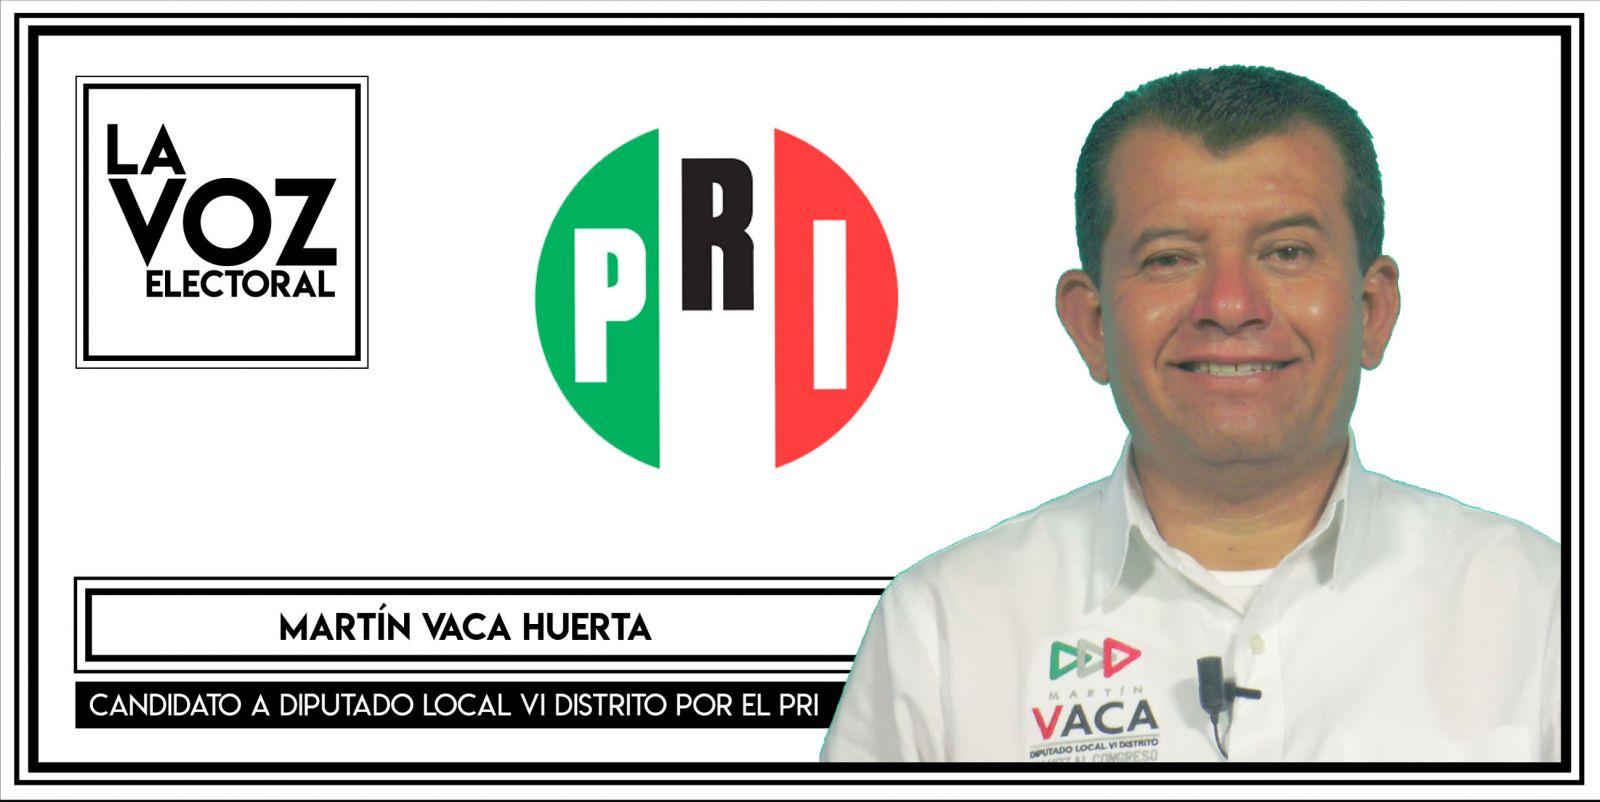 Martín Vaca Huerta - Candidato a Diputado Local VI Distrito por el PRI